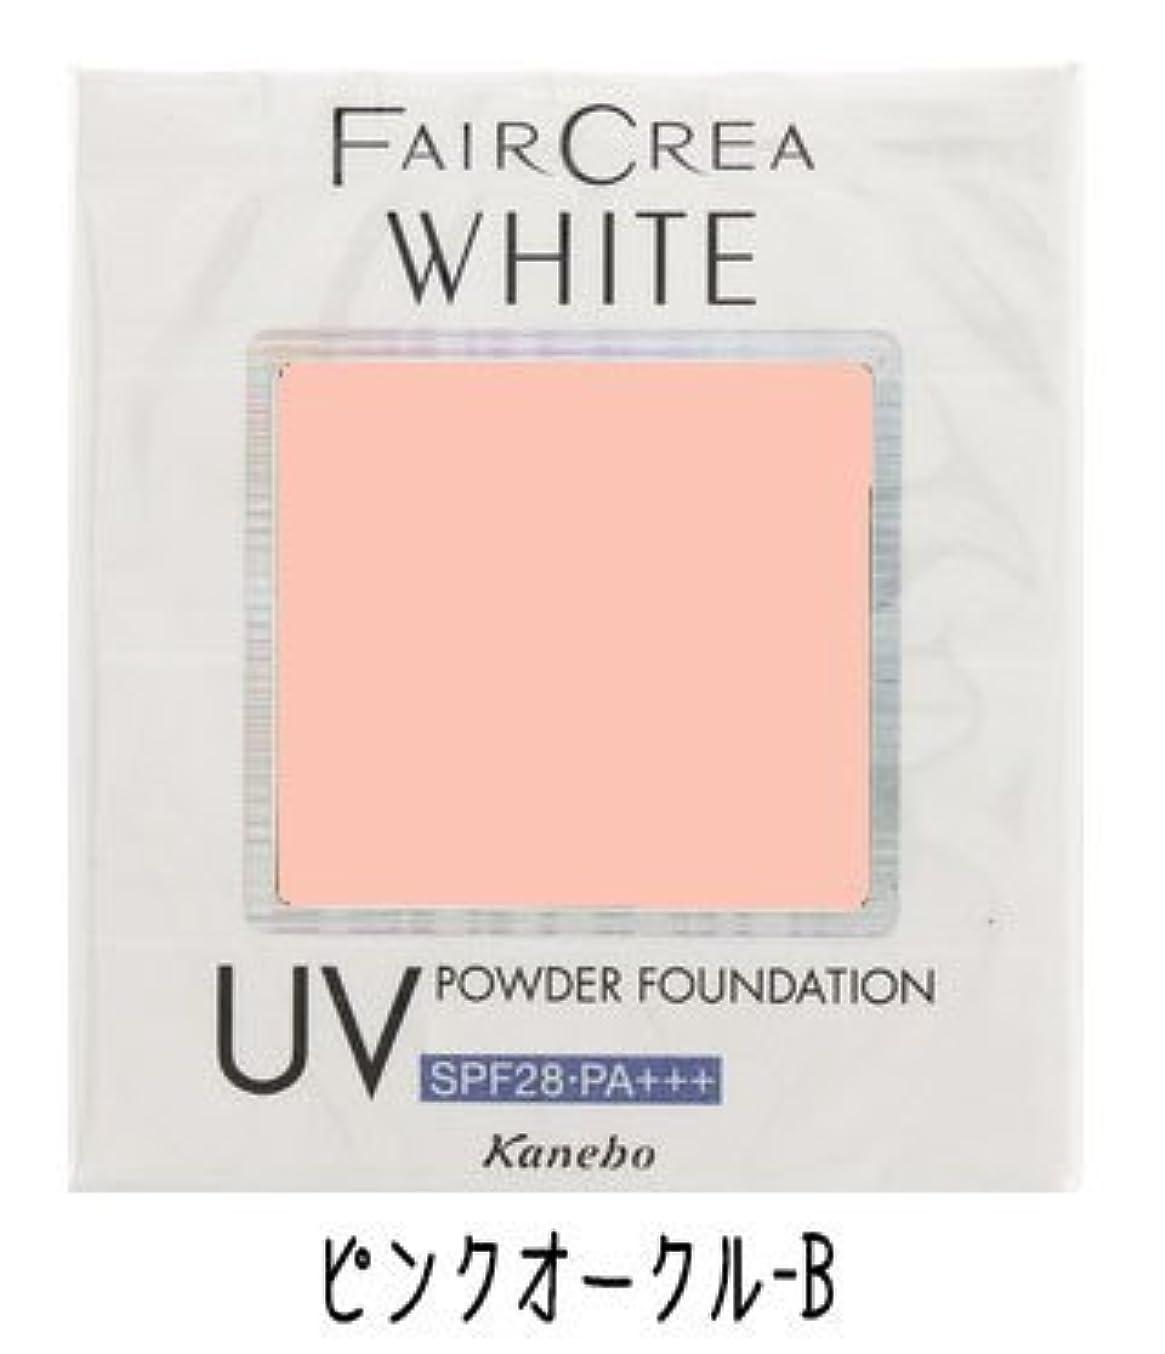 マーティンルーサーキングジュニア大いにフライカイトカネボウ フェアクレア ホワイトUVパウダーファンデーション《10g》<カラー:ピンクオークルB>